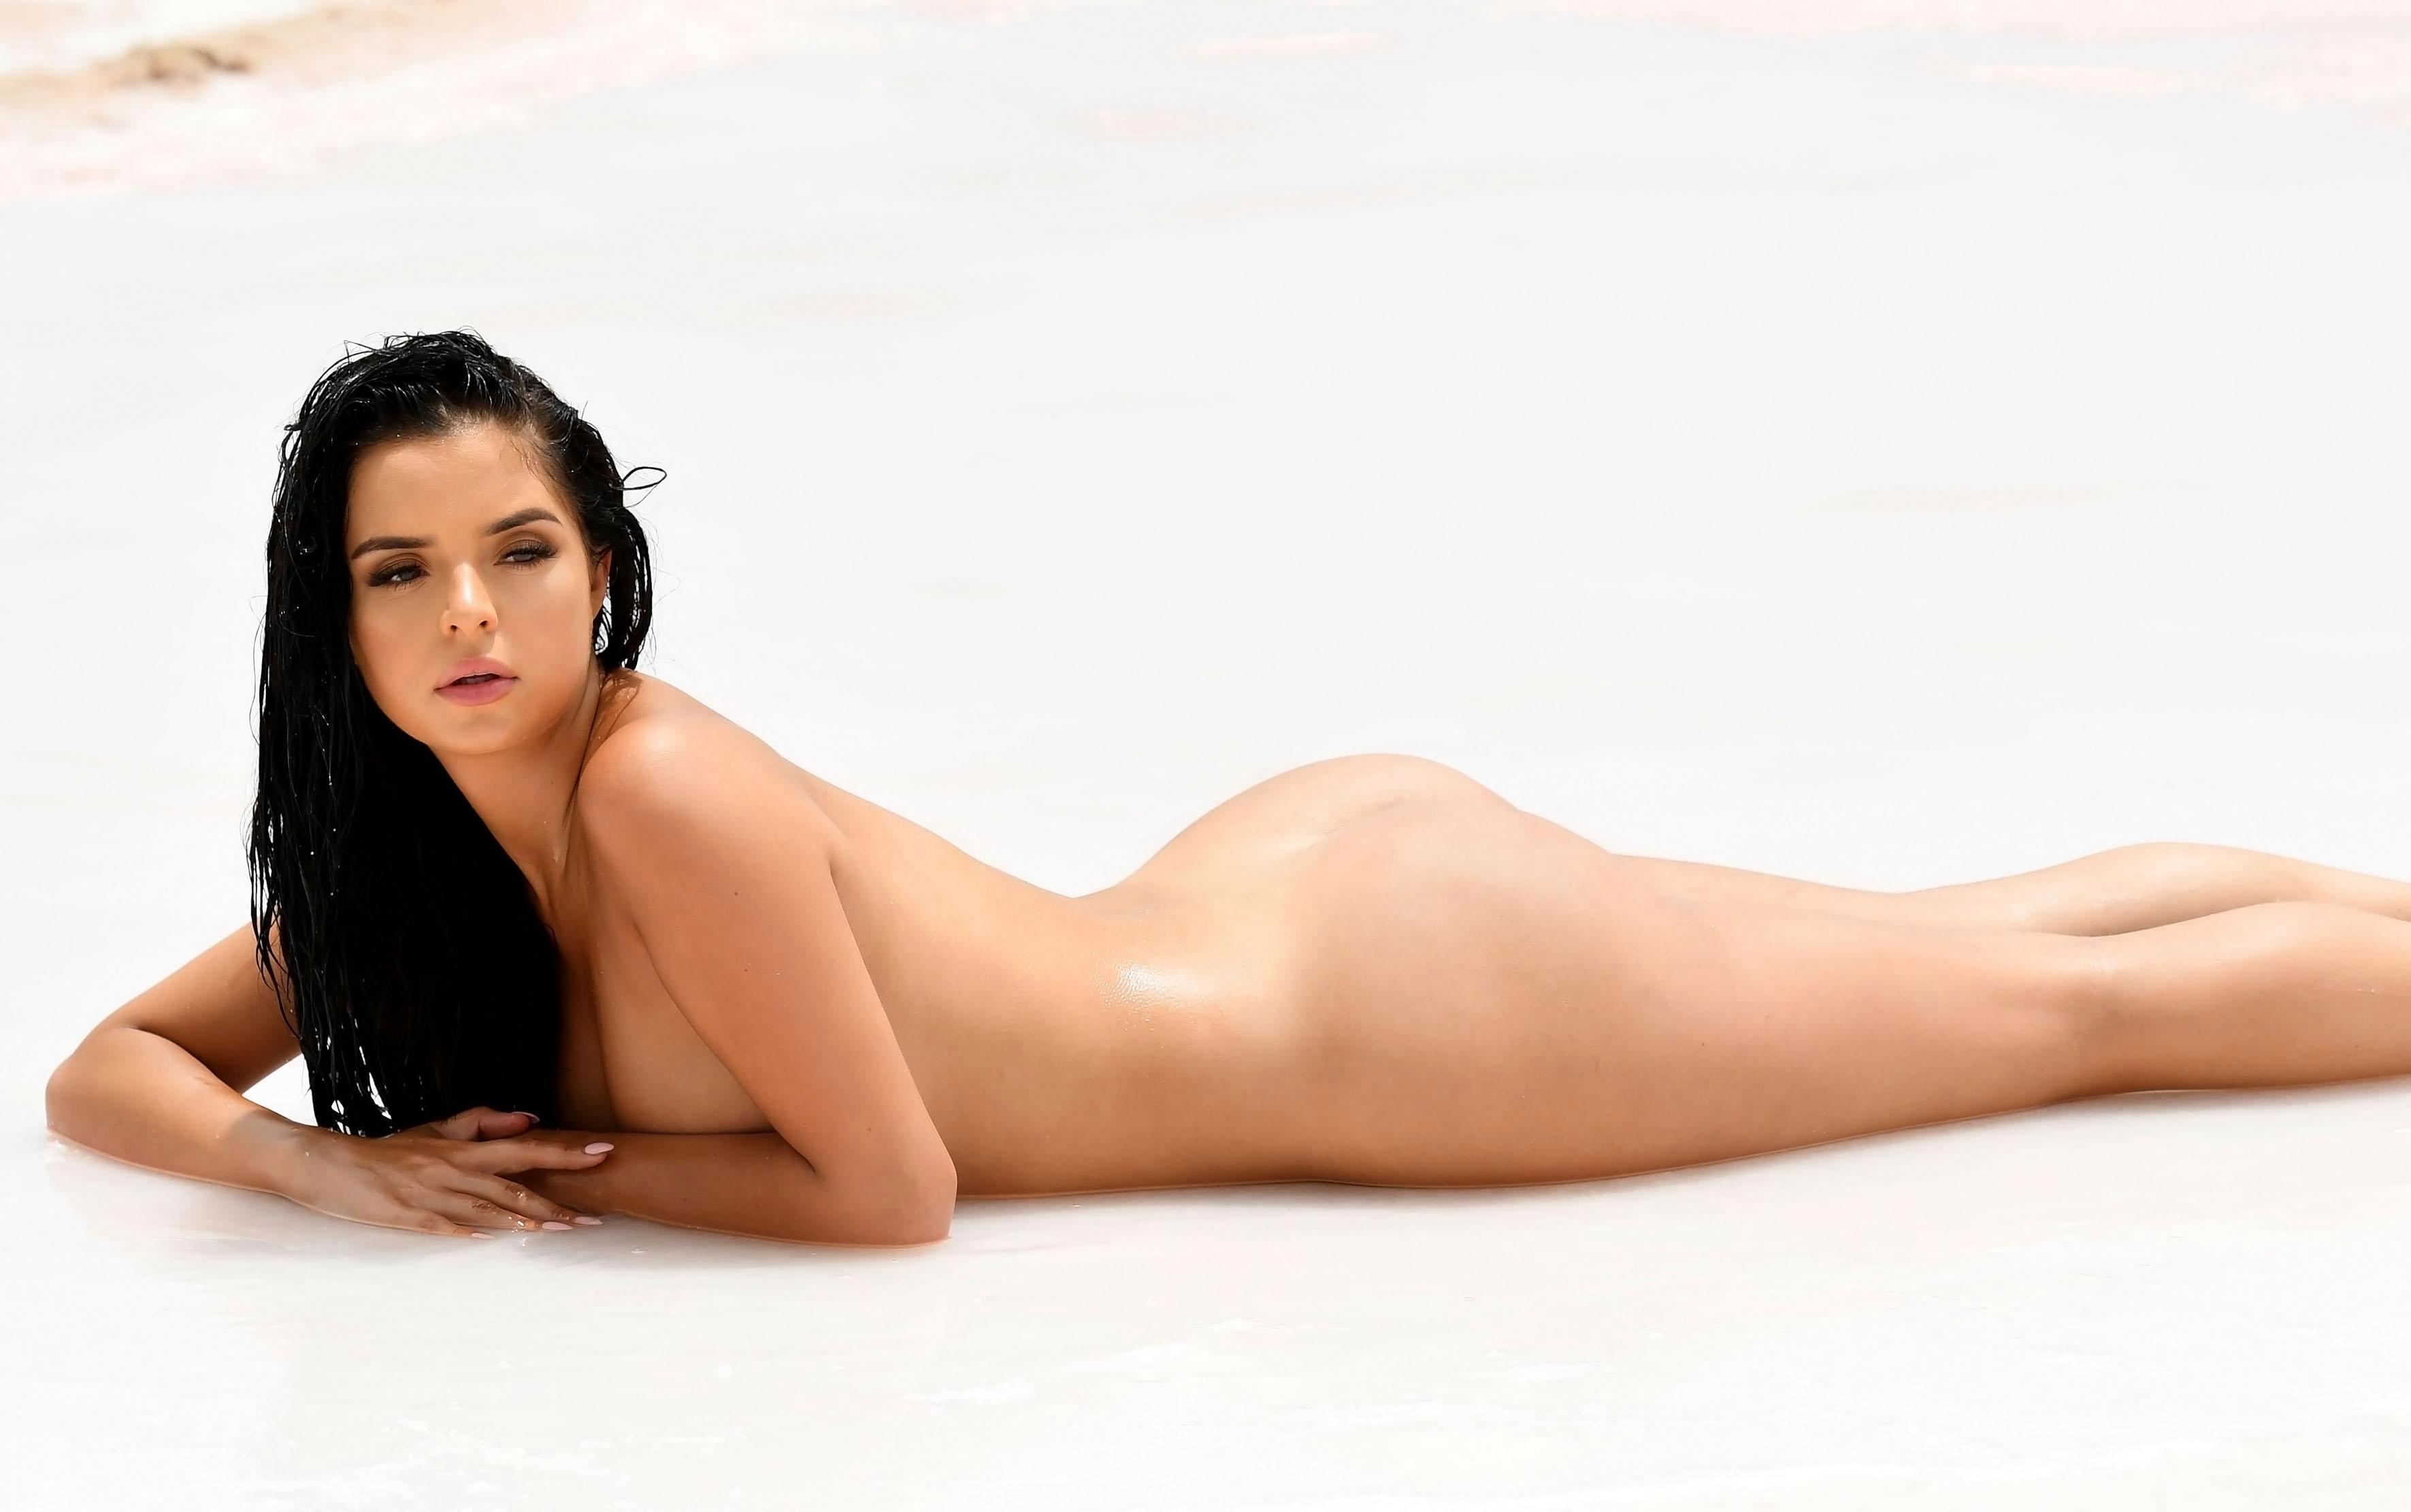 Real amature nude photos XXX